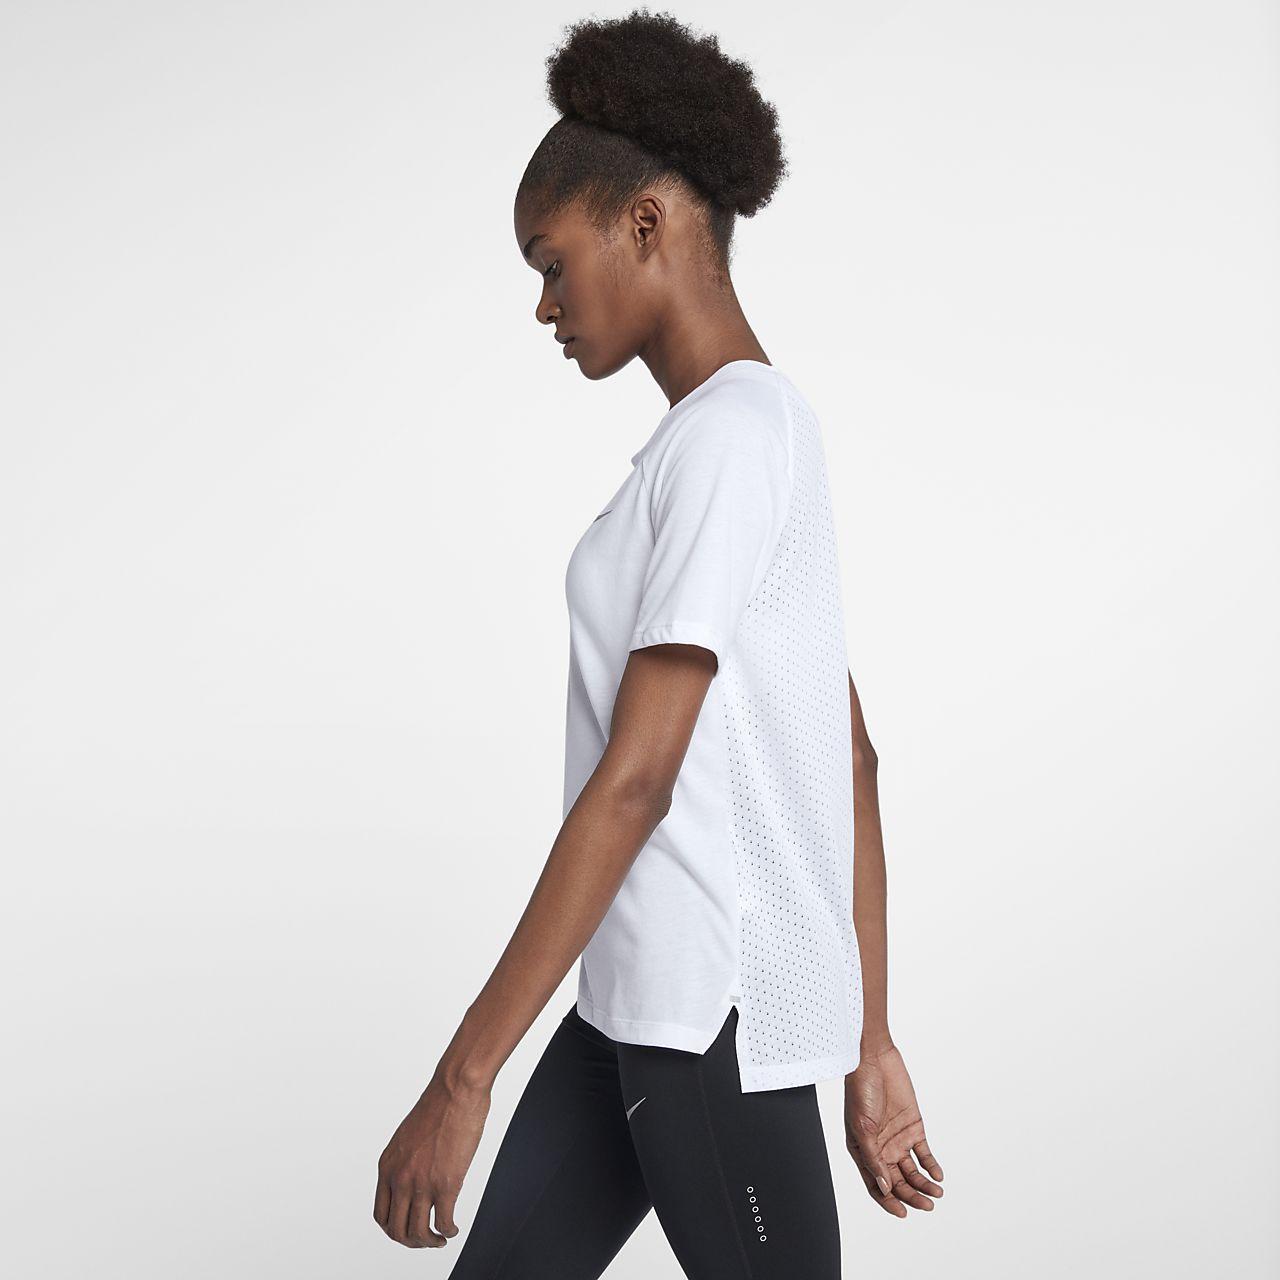 Nike Dri-FIT Tailwind 女子短袖跑步上衣